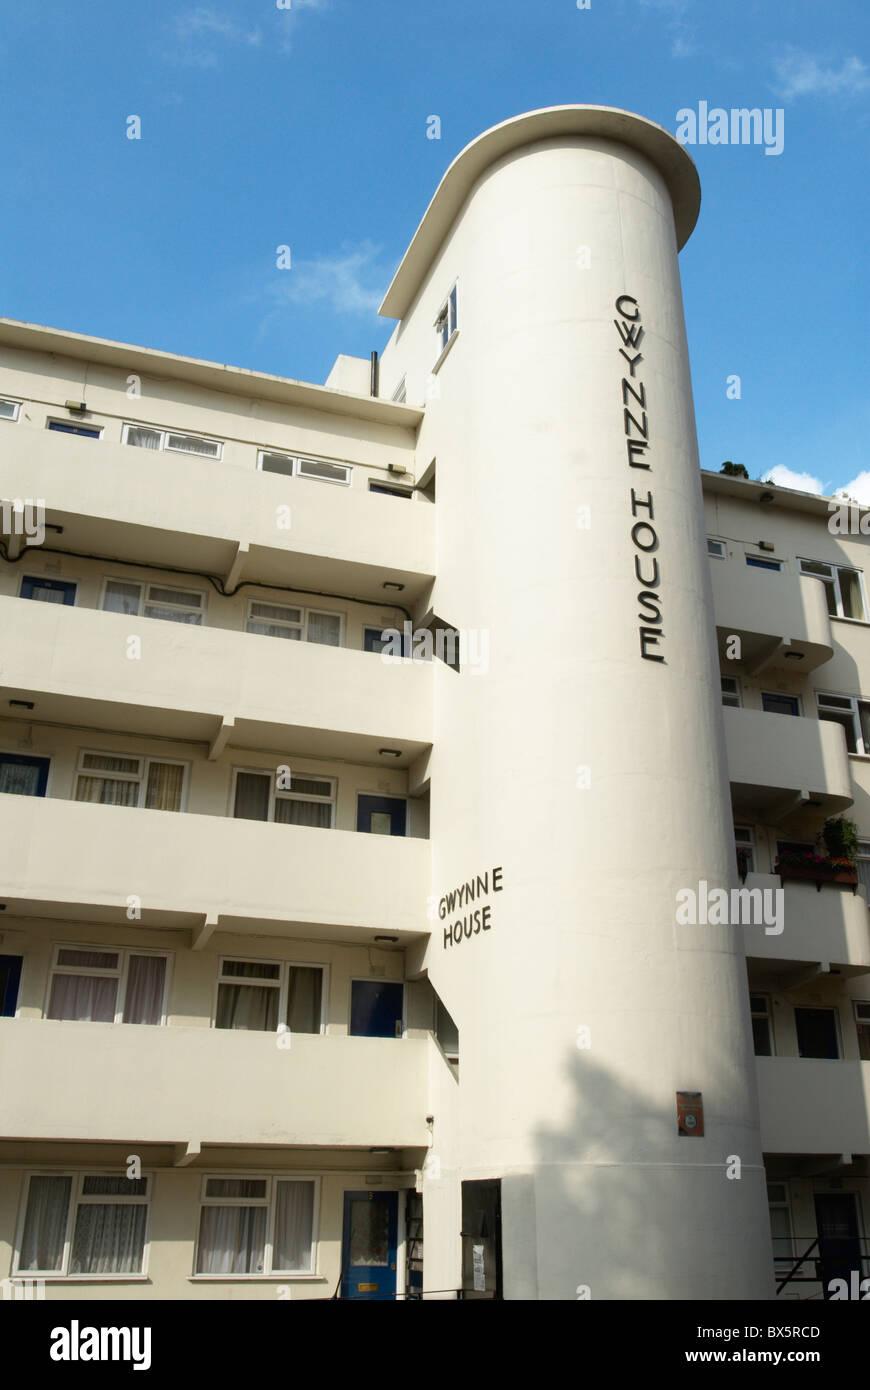 1930er Jahre Art-Deco-Stil Wohnblocks Whitechapel East London UK Stockfoto